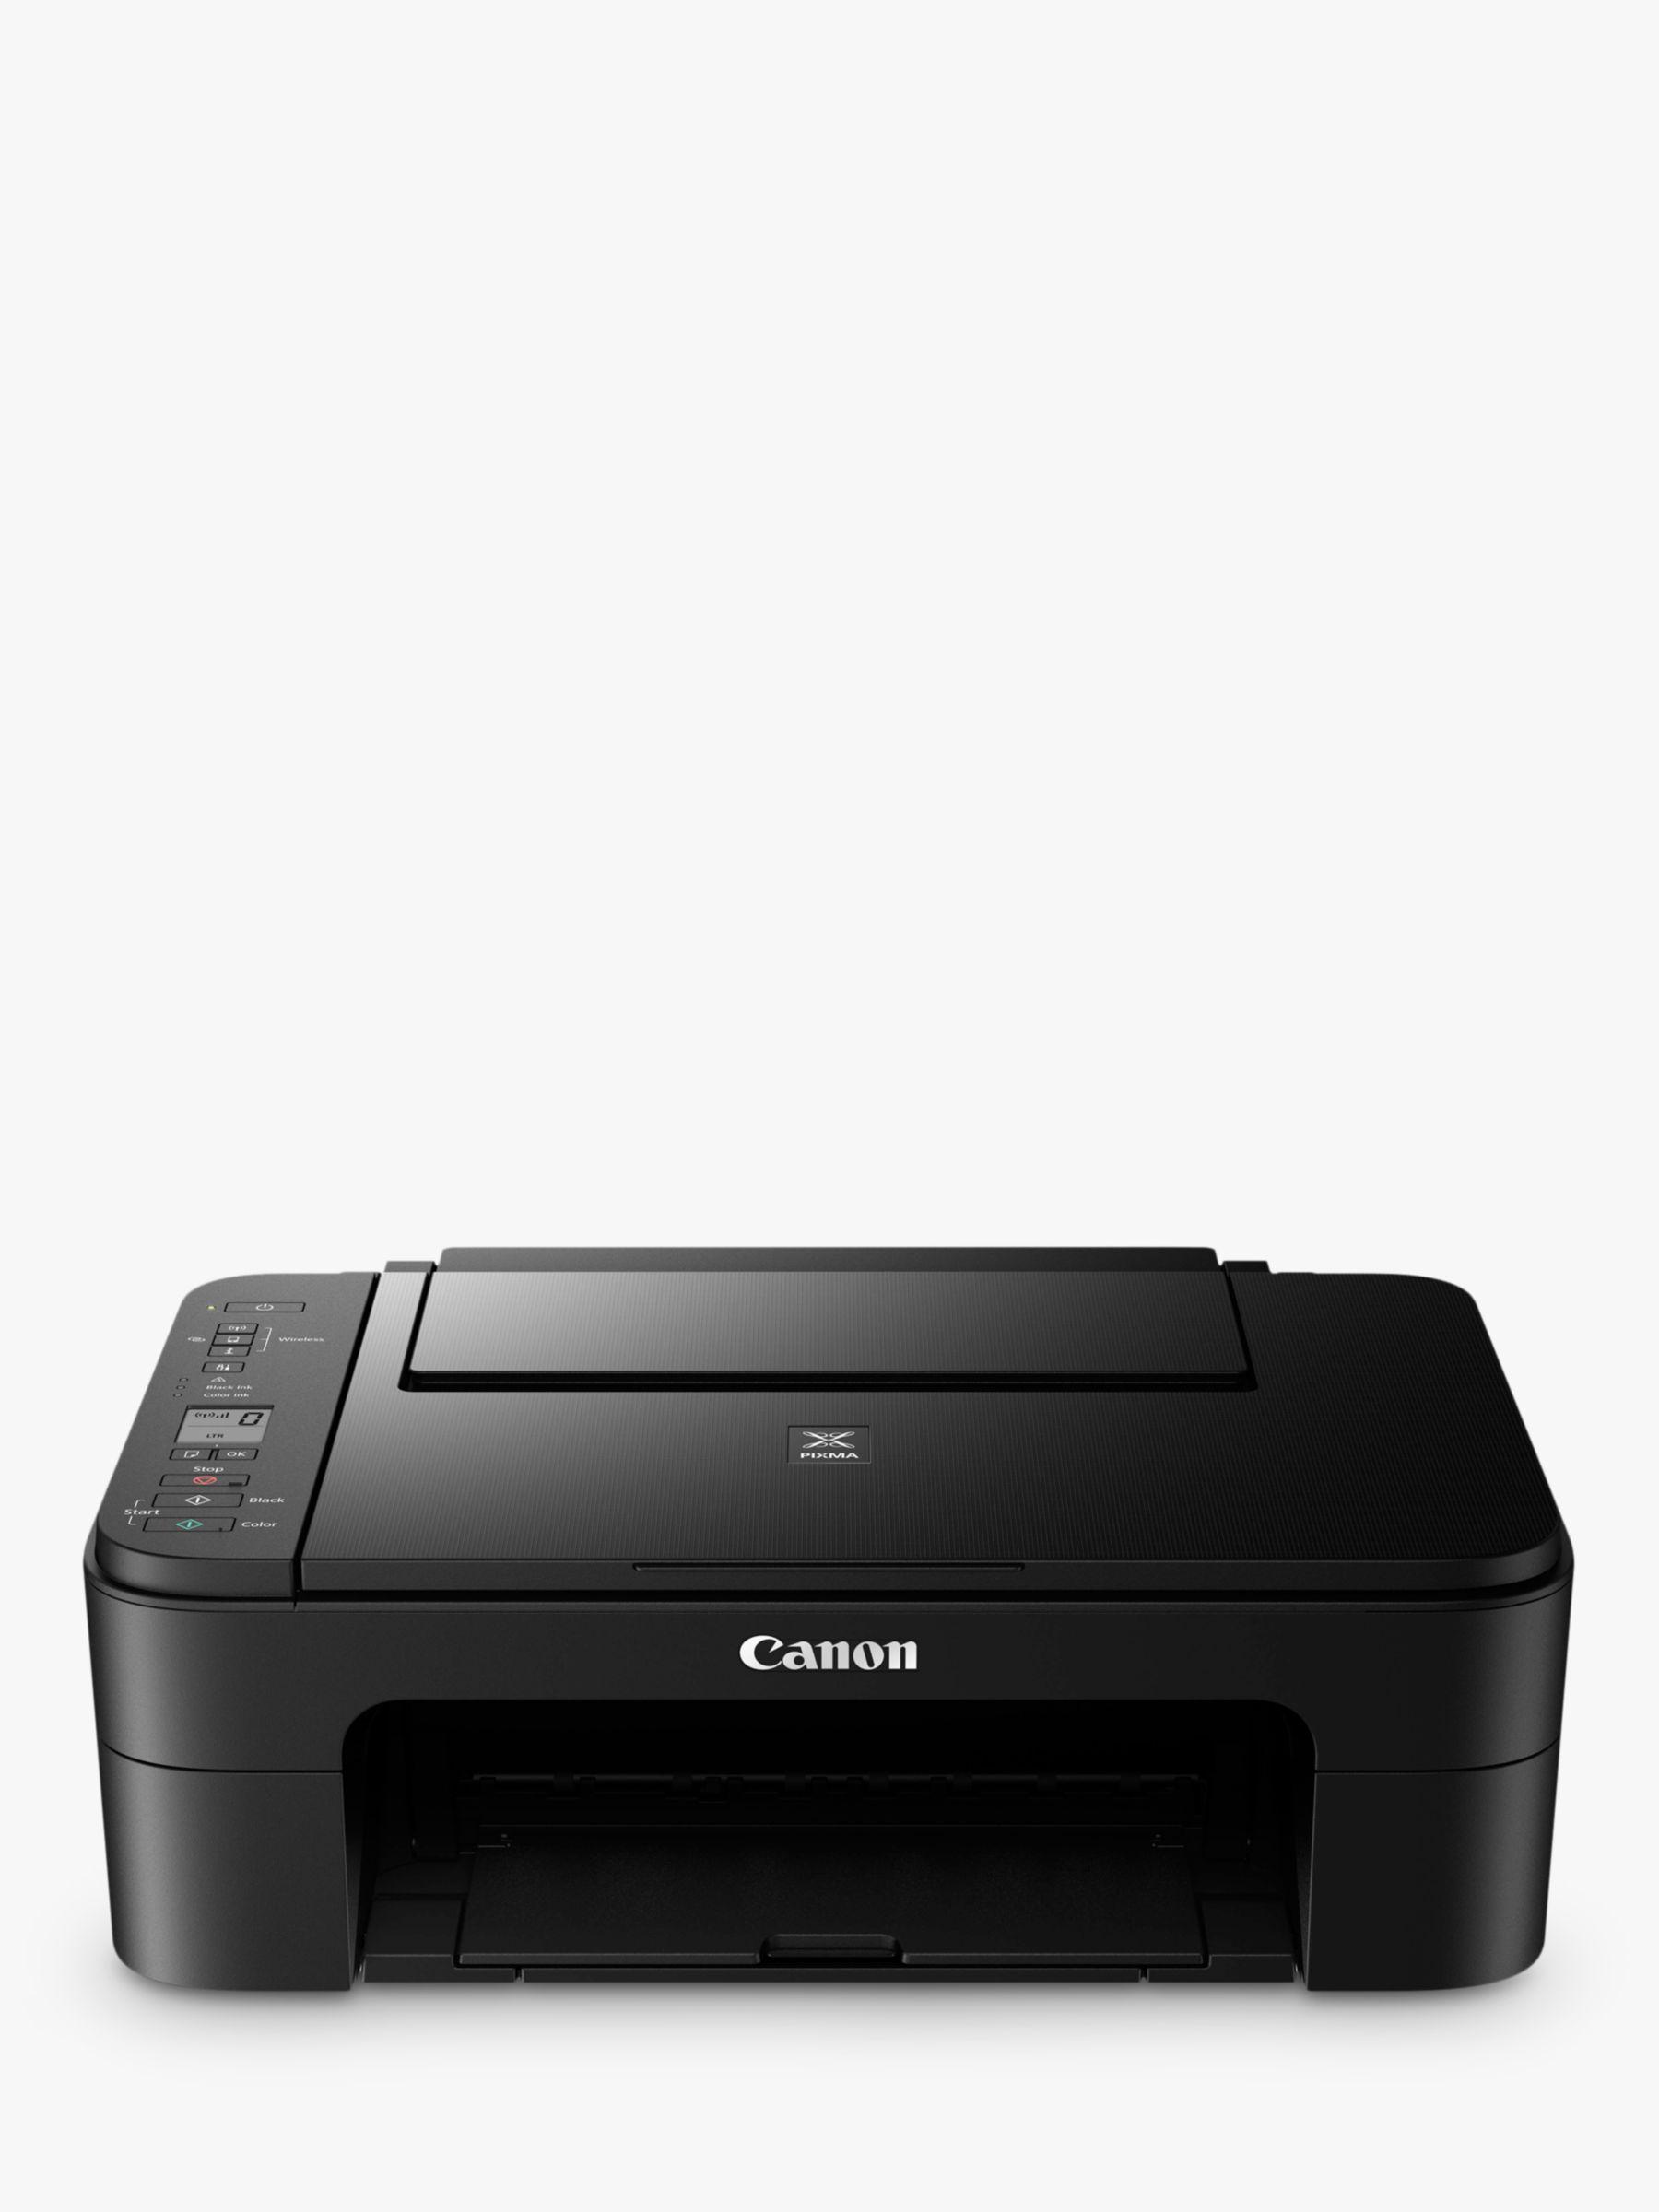 Canon Canon PIXMA TS3350 All-in-One Wireless Wi-Fi Printer, Black